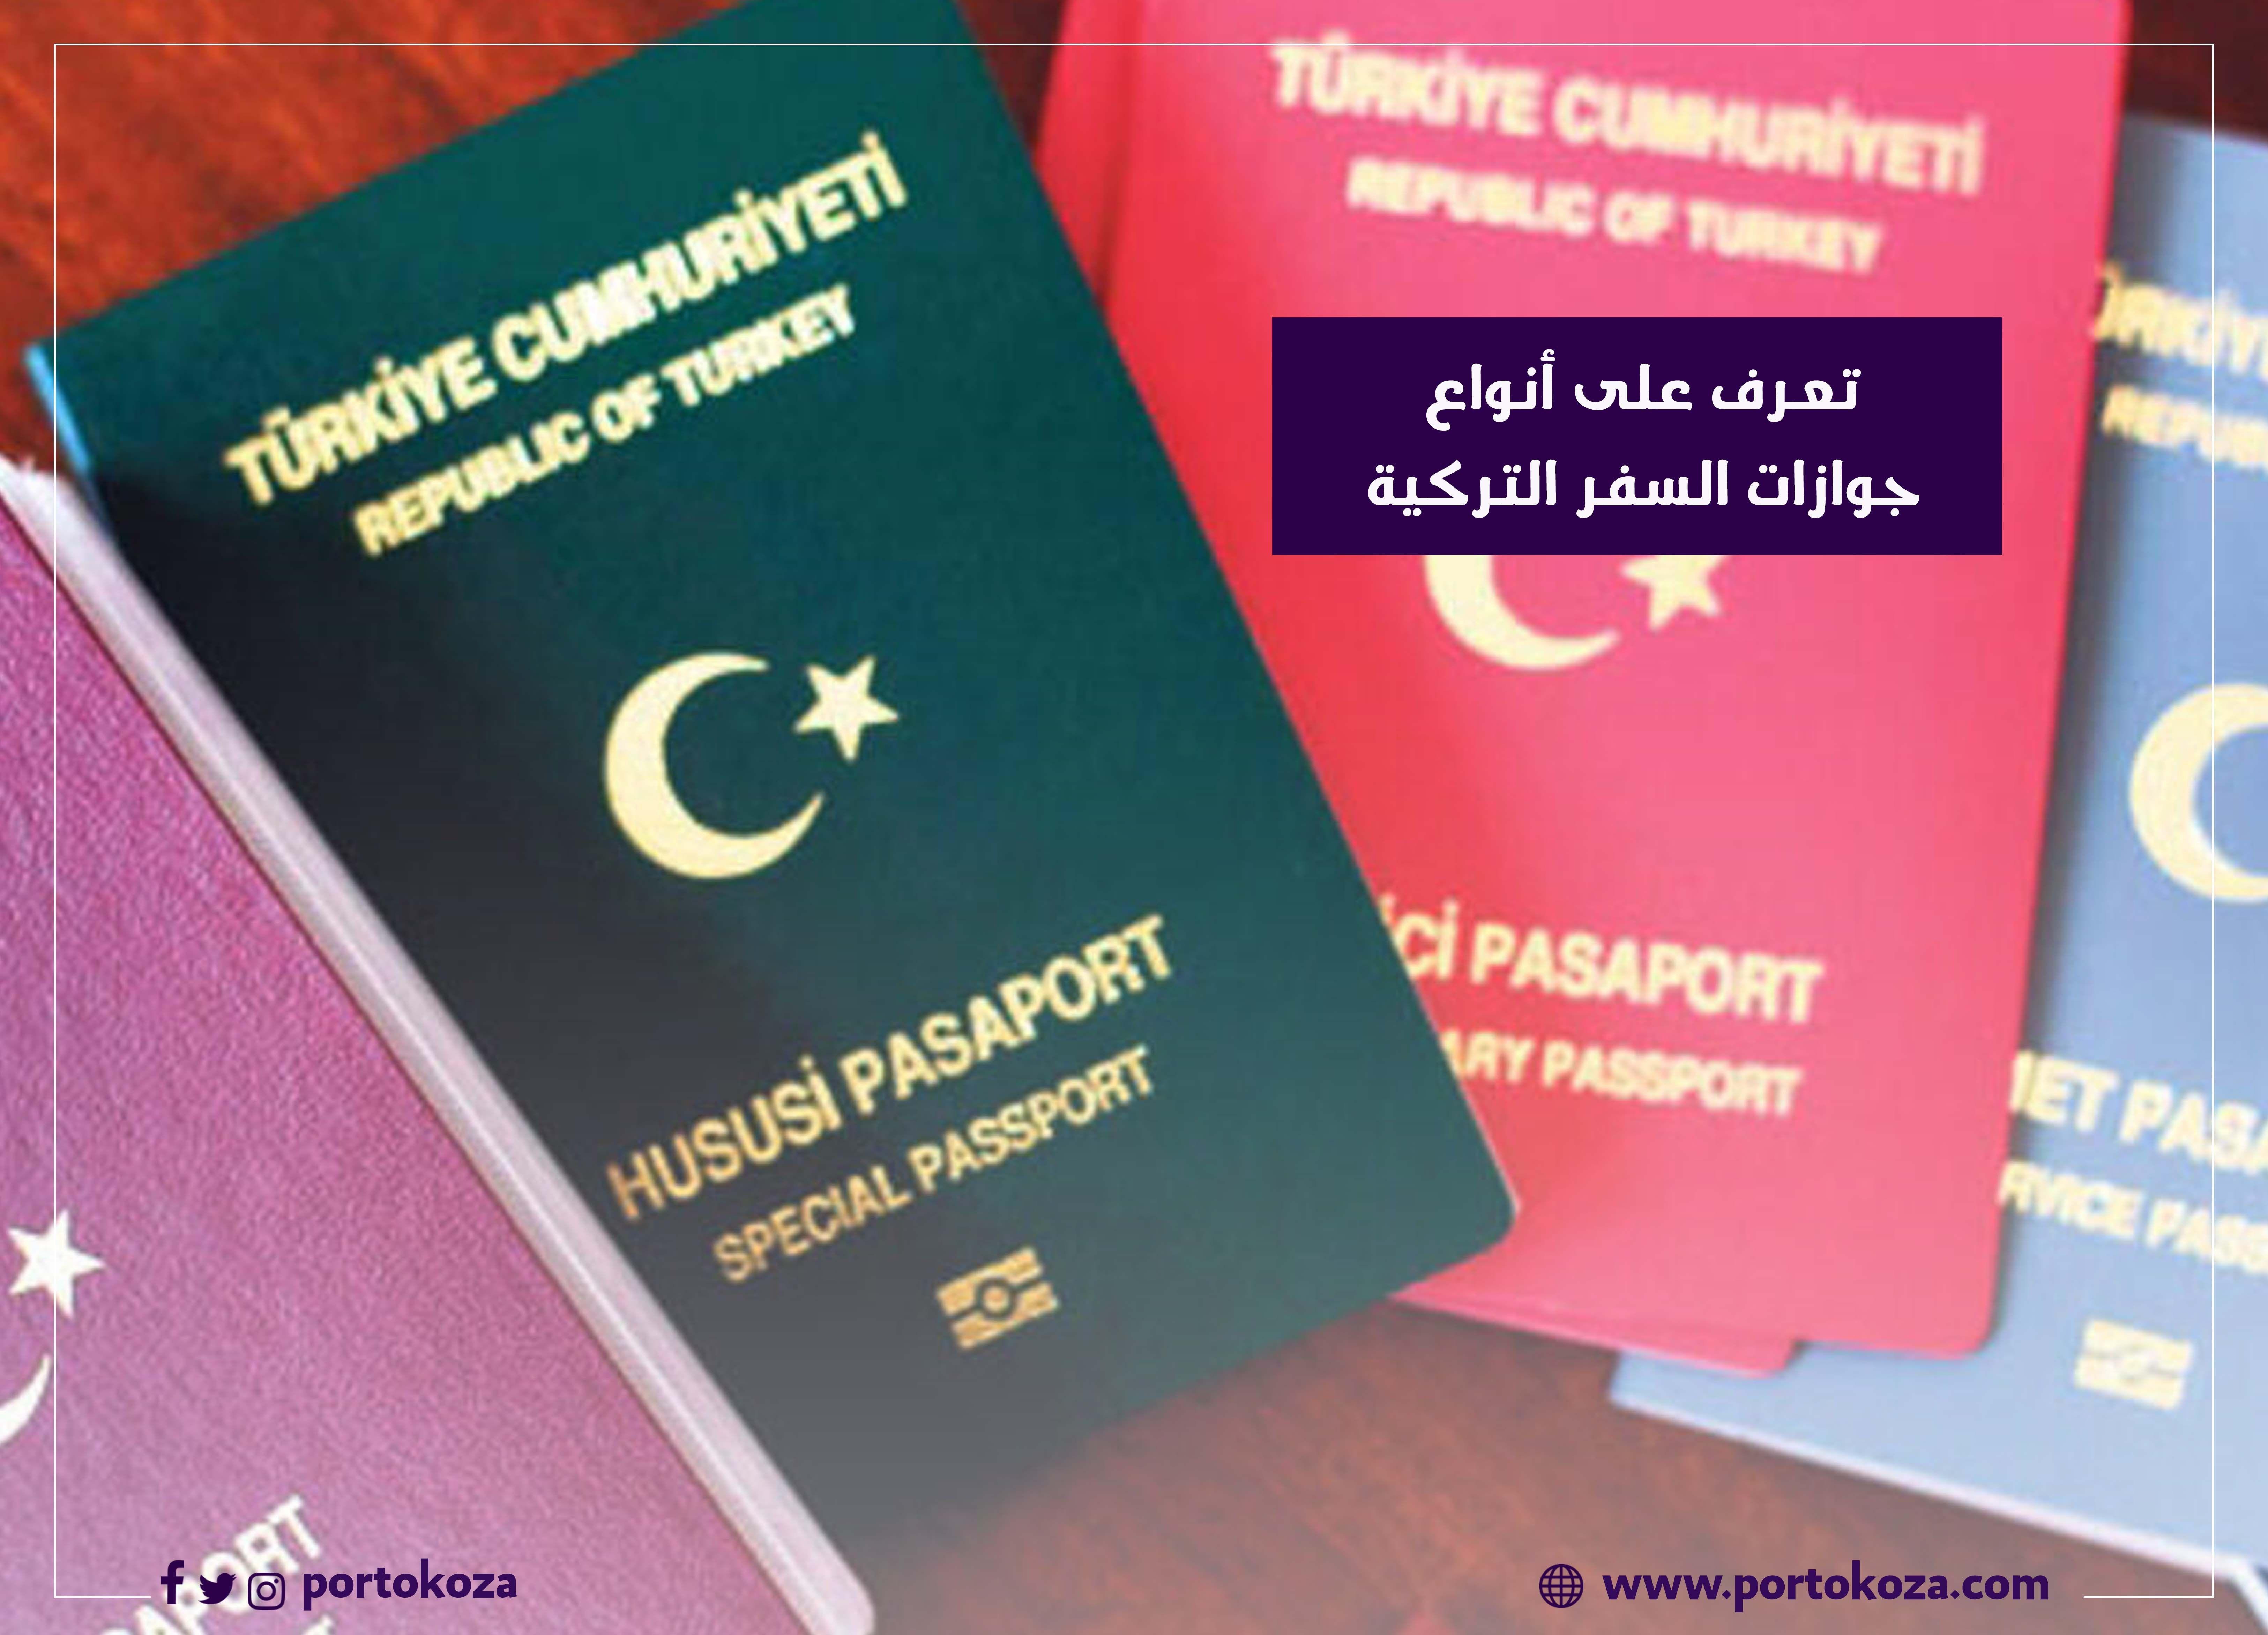 الجواز التركي أنواع جوازات السفر التركية وكيفية الحصول عليه بورتوكوزا العقارية Book Cover Books Passport